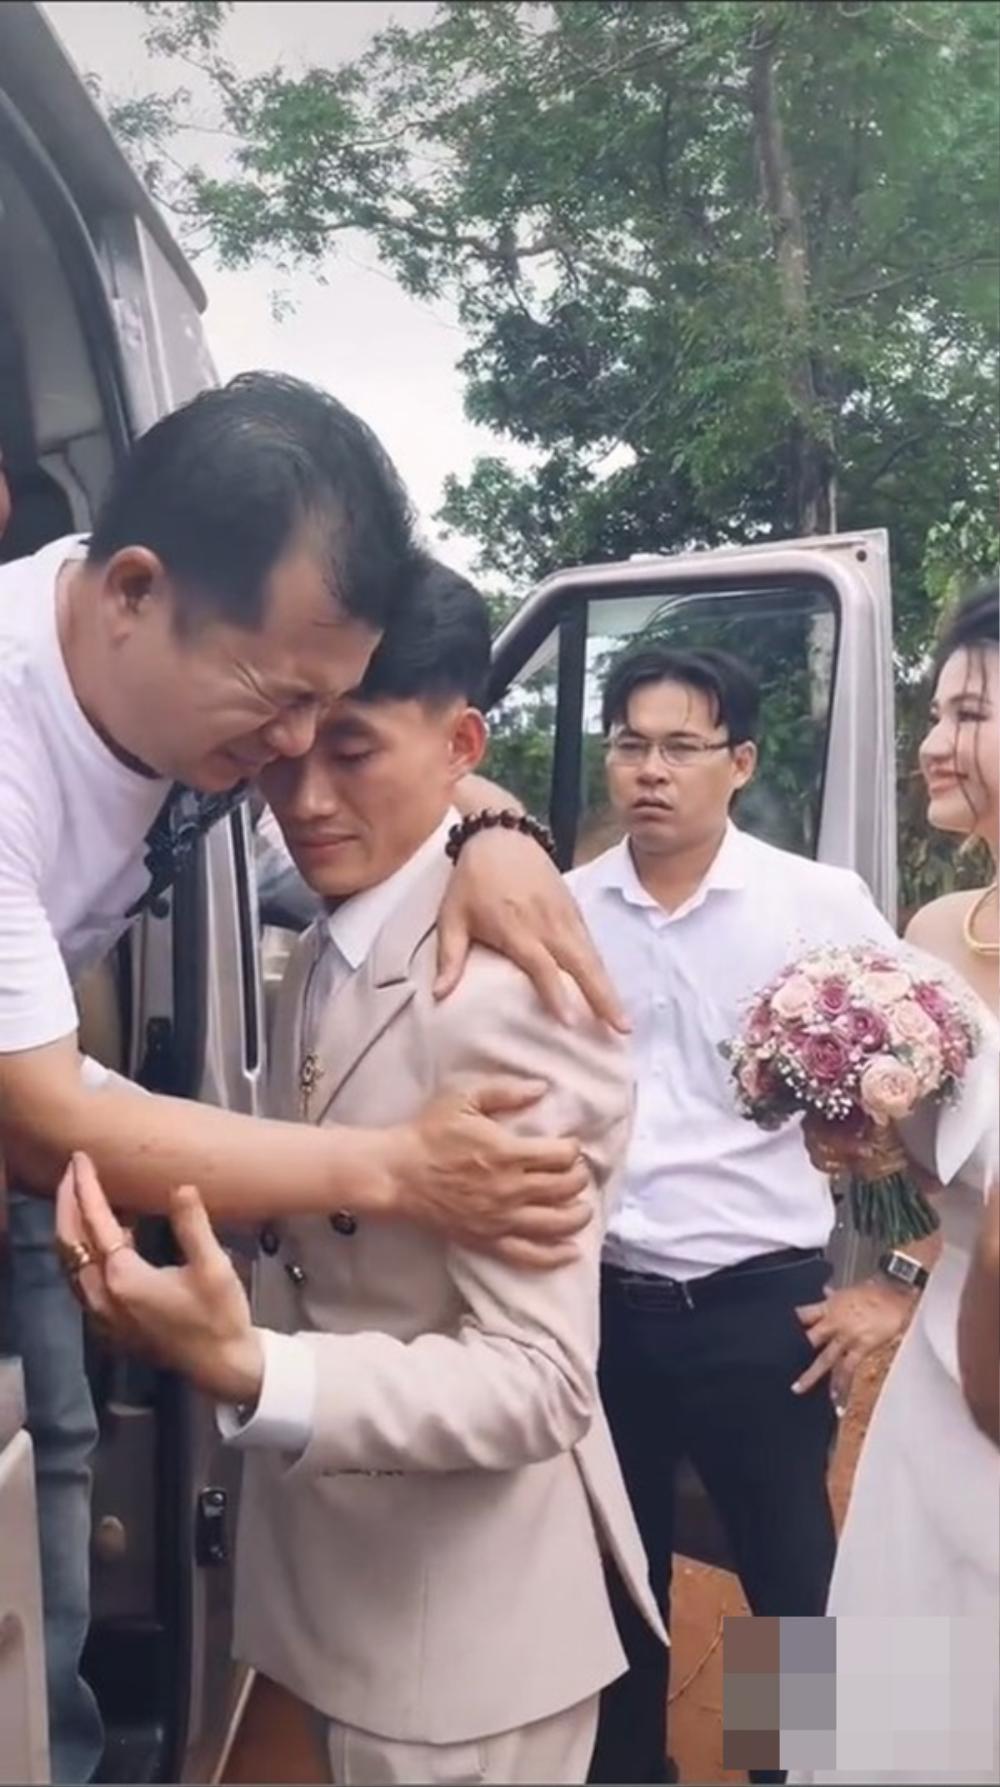 Tiễn gia đình nhà gái về sau đám cưới, chú rể ôm bố vợ khóc nức nở khiến dân mạng thích thú Ảnh 1